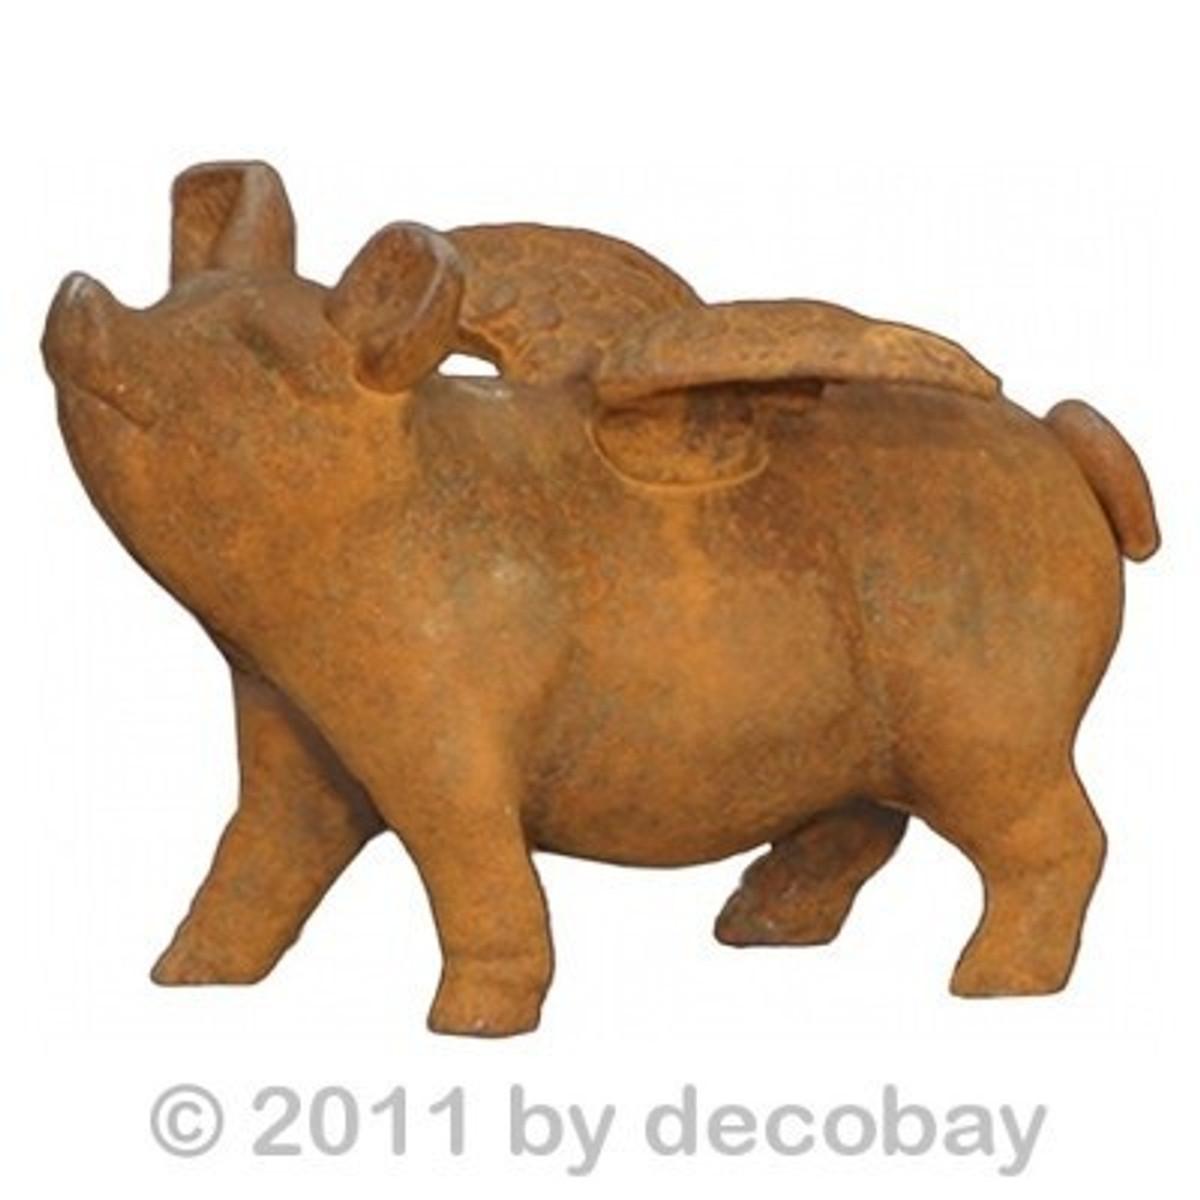 Sparschwein rostig als Glücksbringer aus Gusseisen. Wunderbar antik gestaltet.